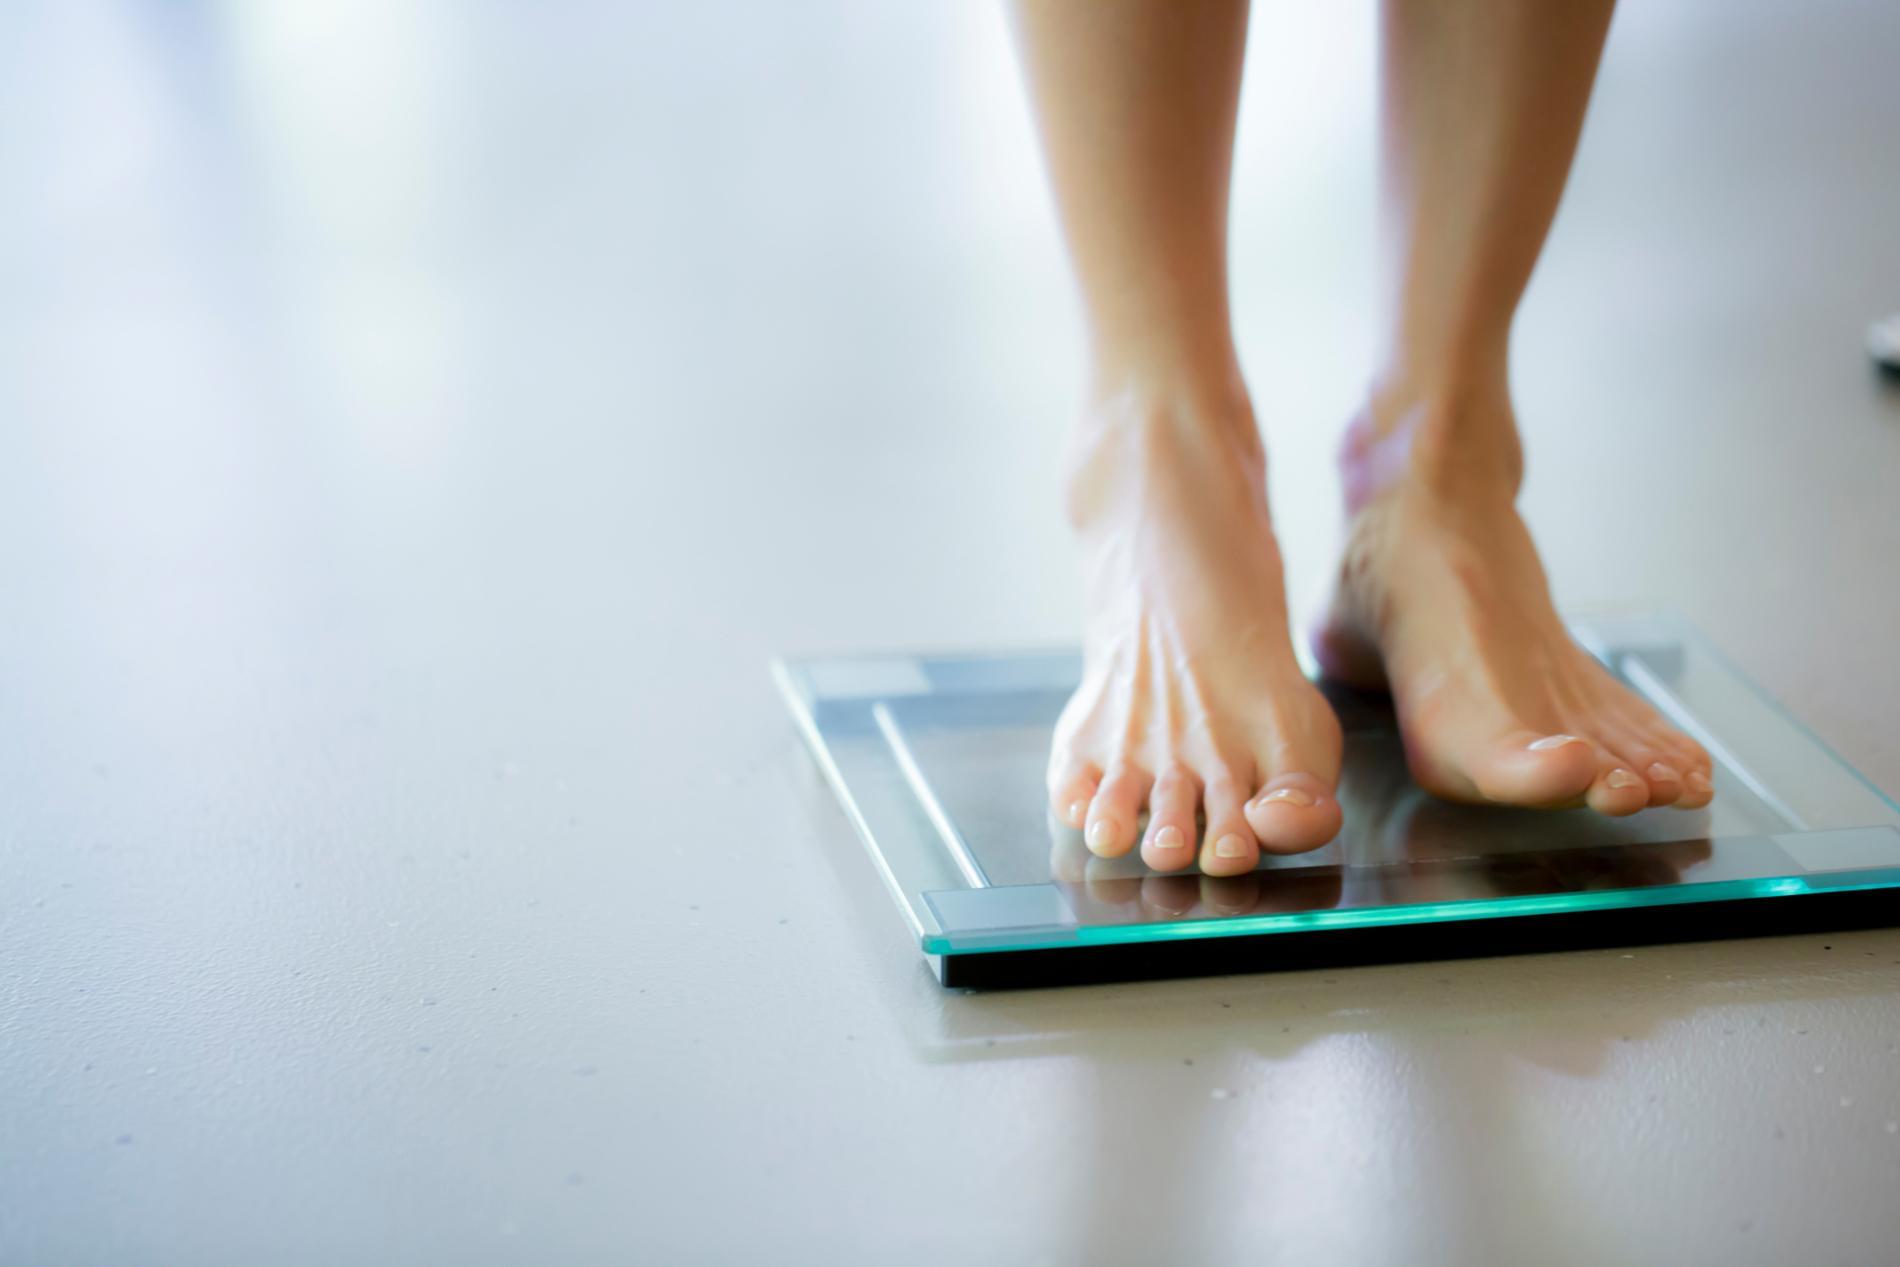 le poids des chevilles aide-t-il à perdre du poids enveloppement de perte de poids glasgow